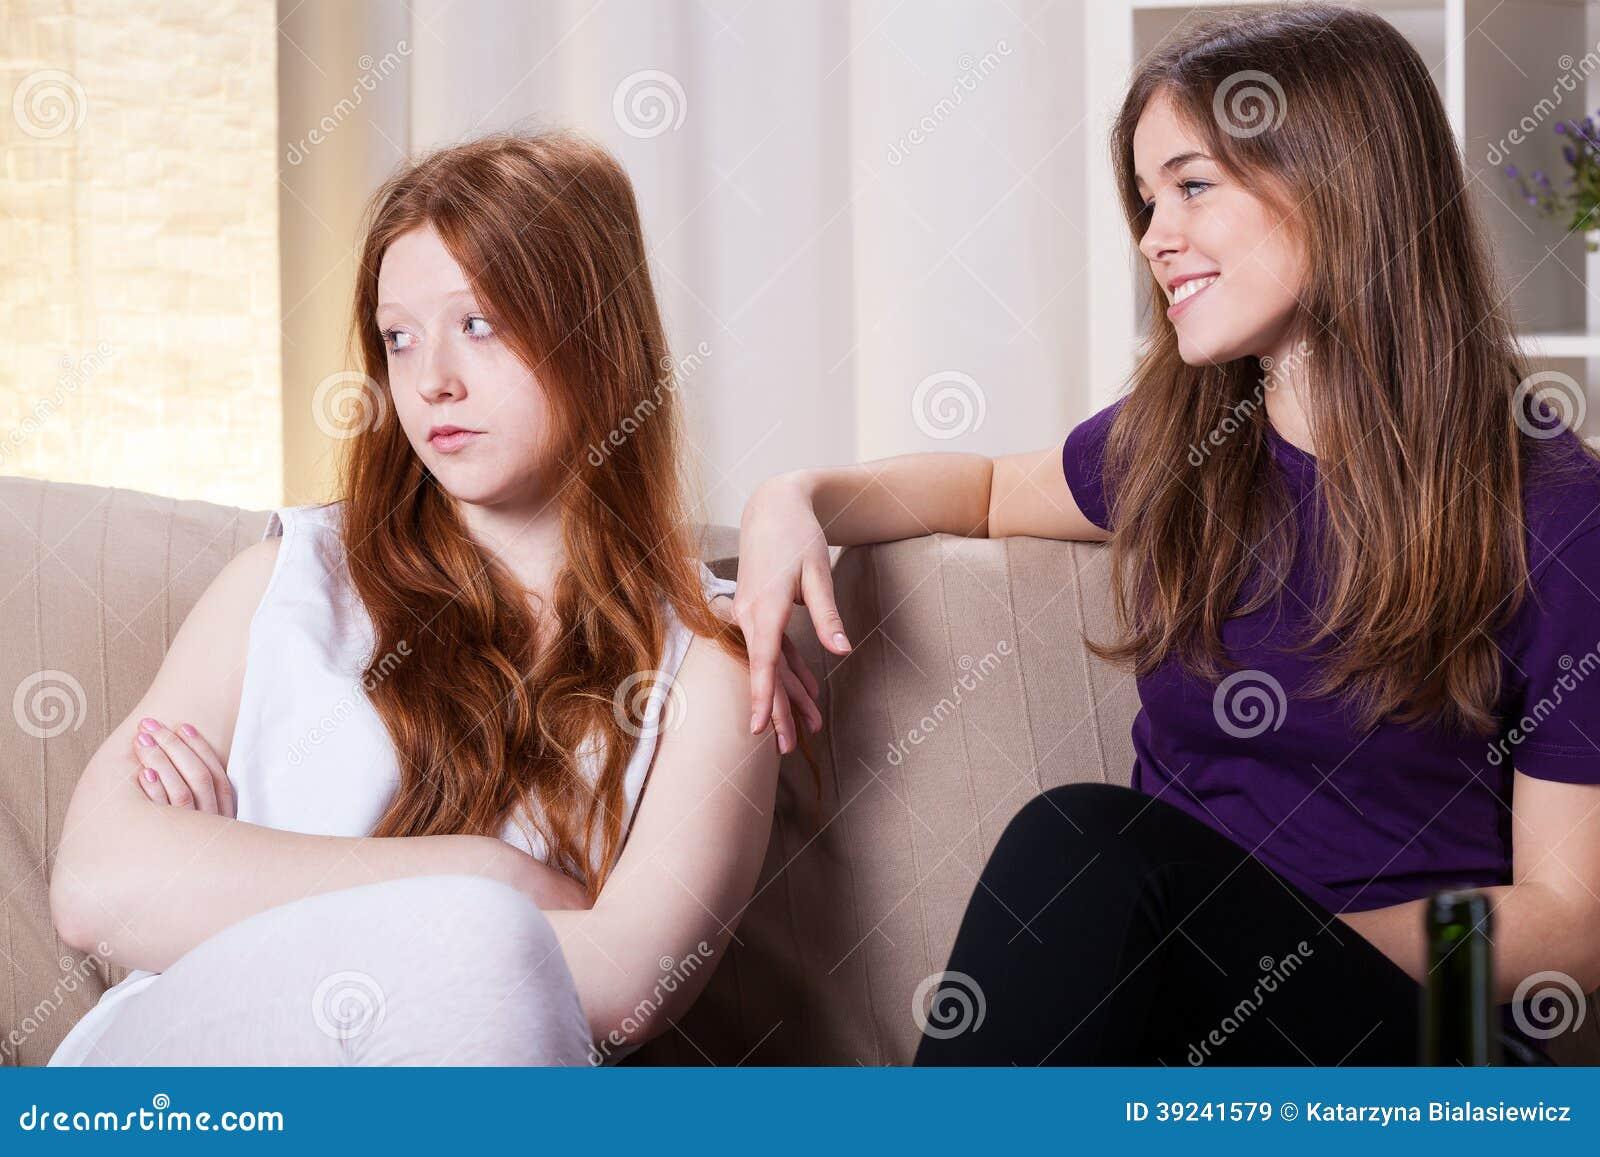 Пришла подруга сестры, Приехала сексуальная подружка моей сестры 20 фотография